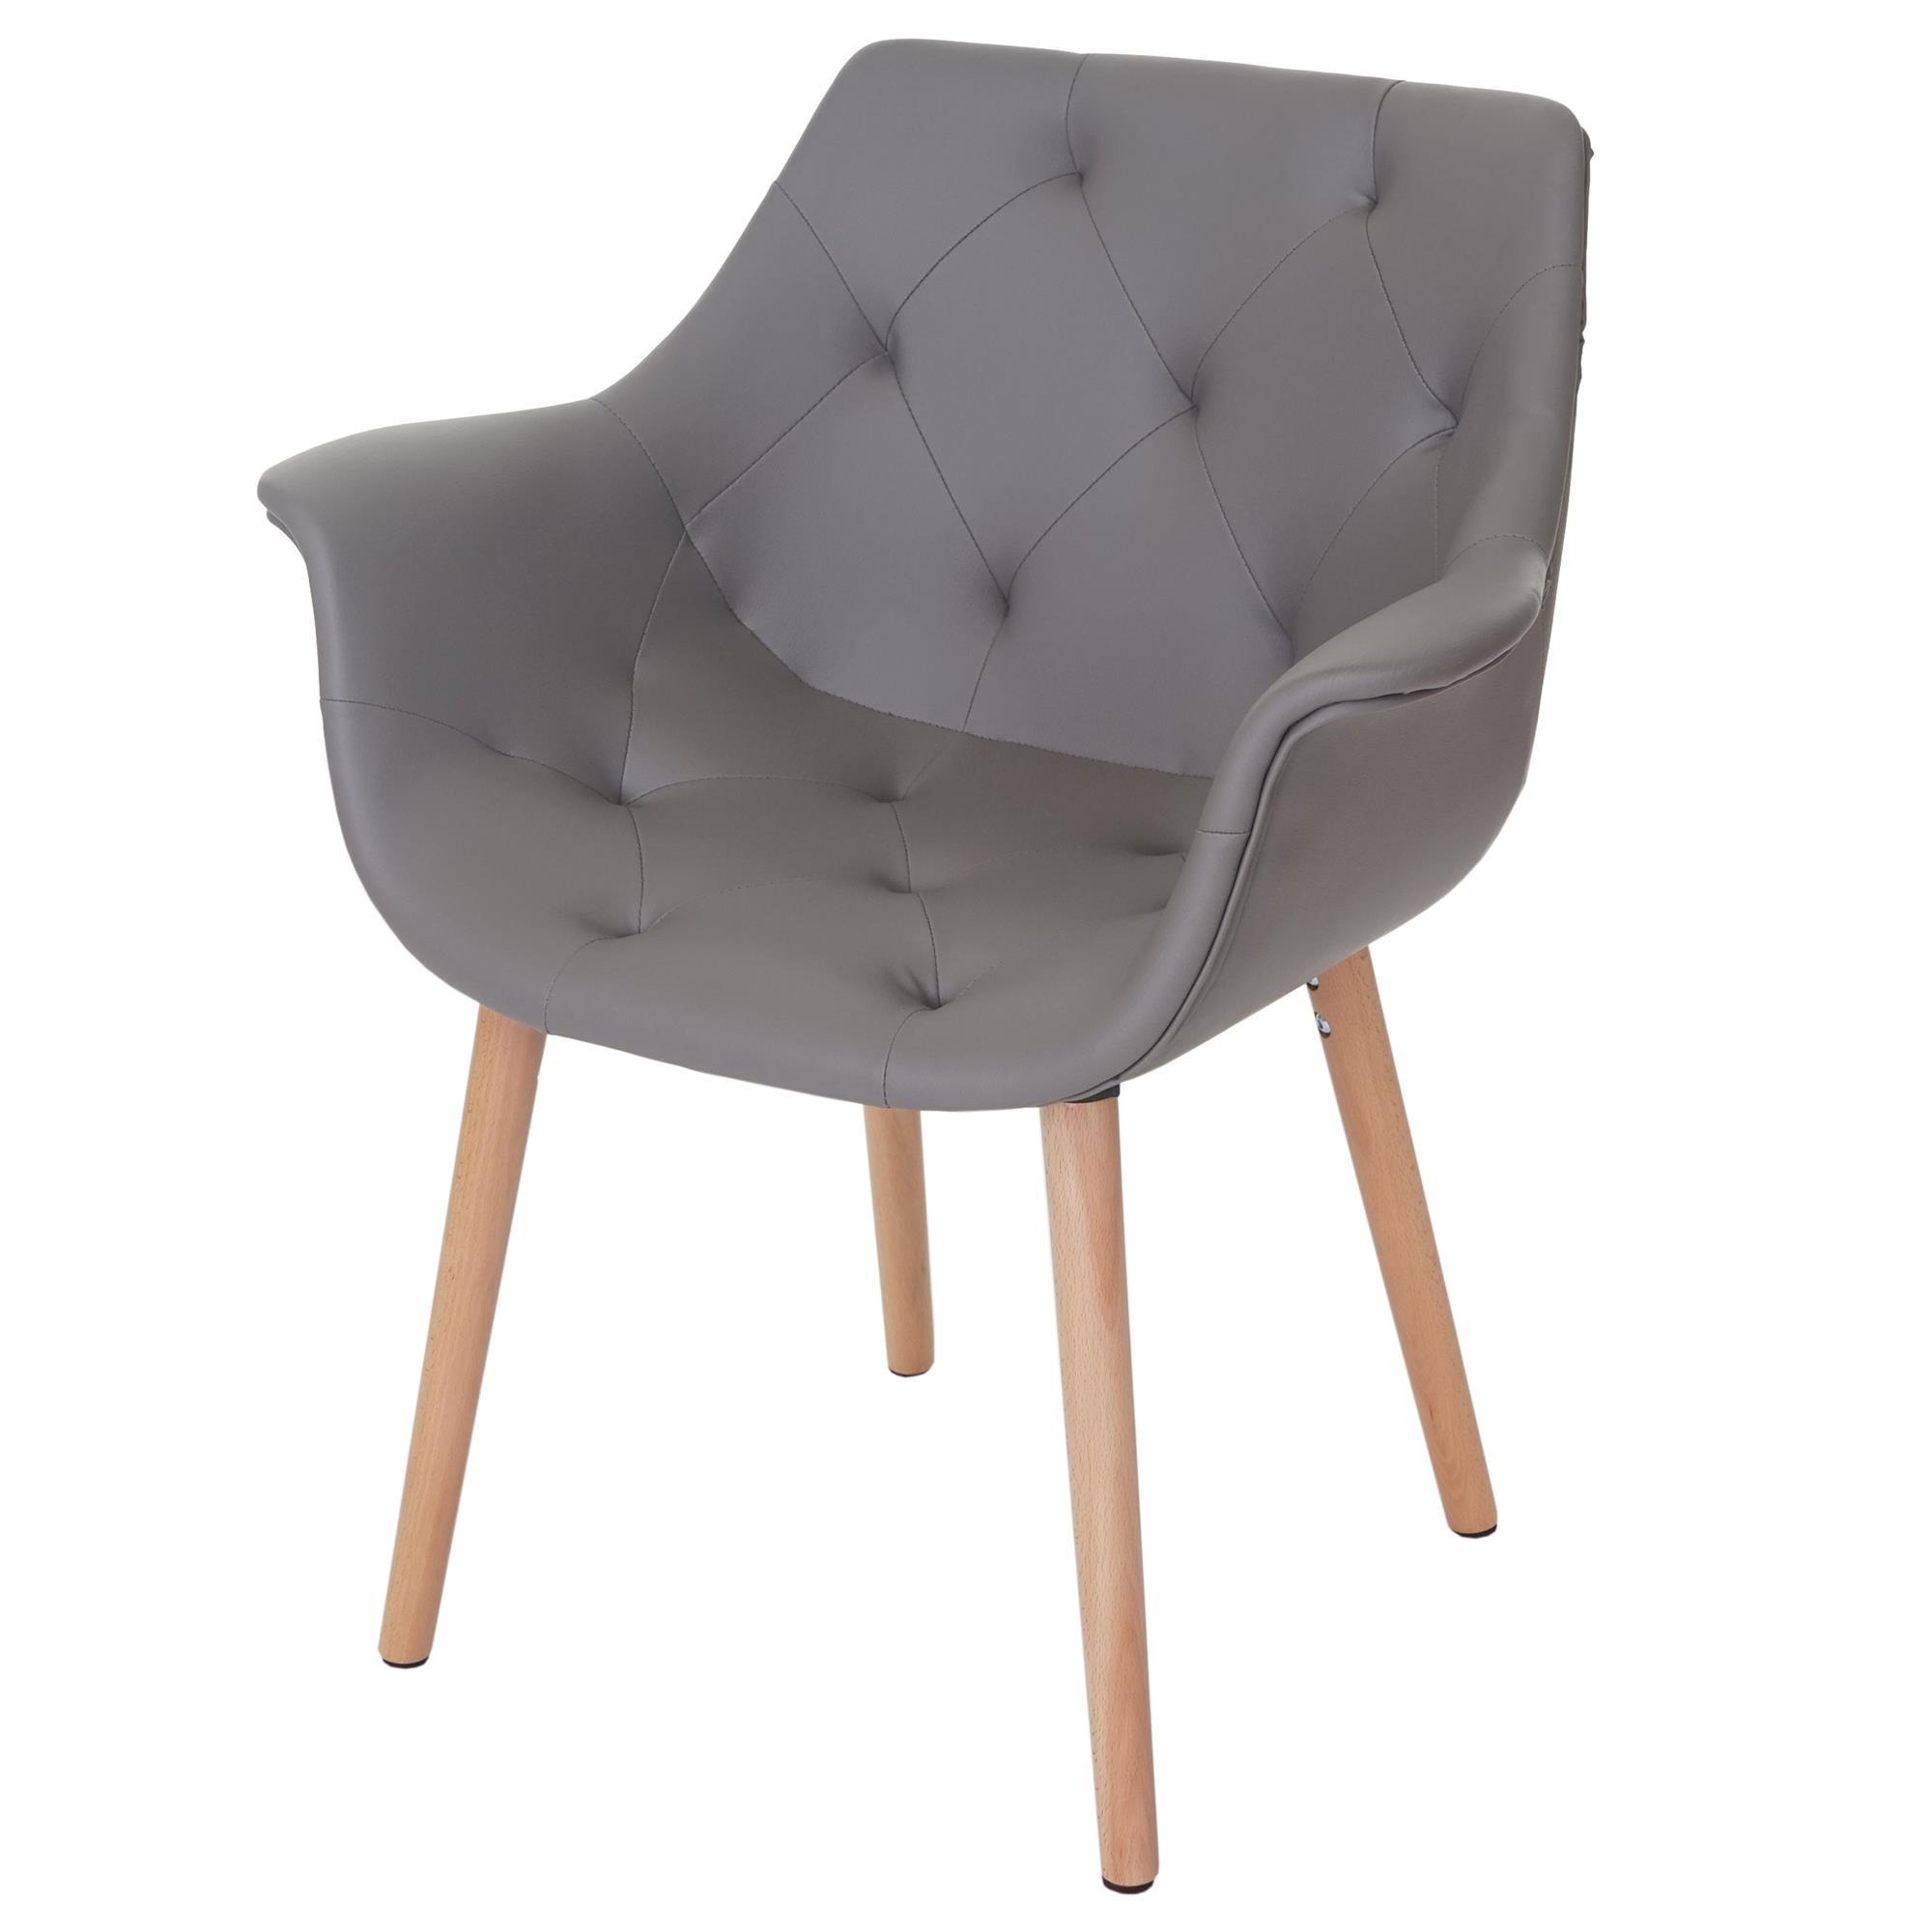 Lote 4 sillas de comedor alber estilo retro en piel gris for Sillas de comedor de cuero